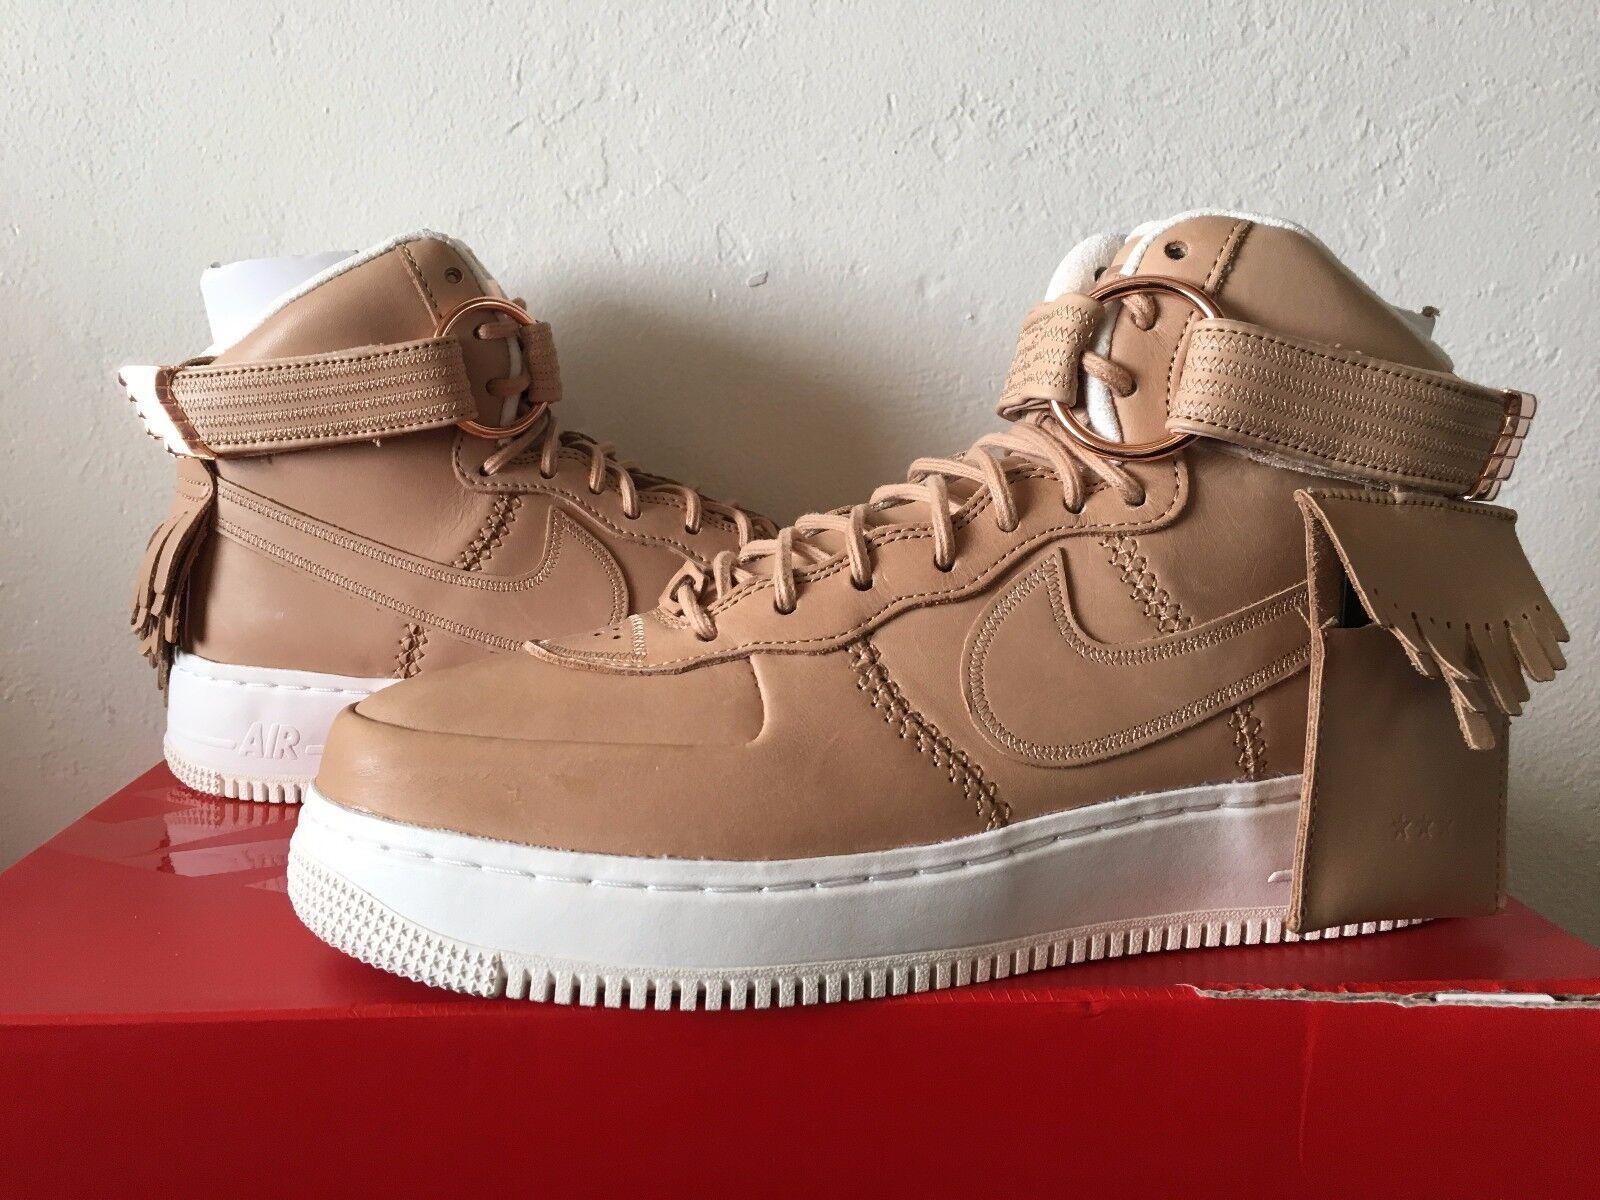 Nike Air Force 1 y High SL Vachetta tan 919473-2018 hombres es confortable y 1 hermosa moda barato d31dc7